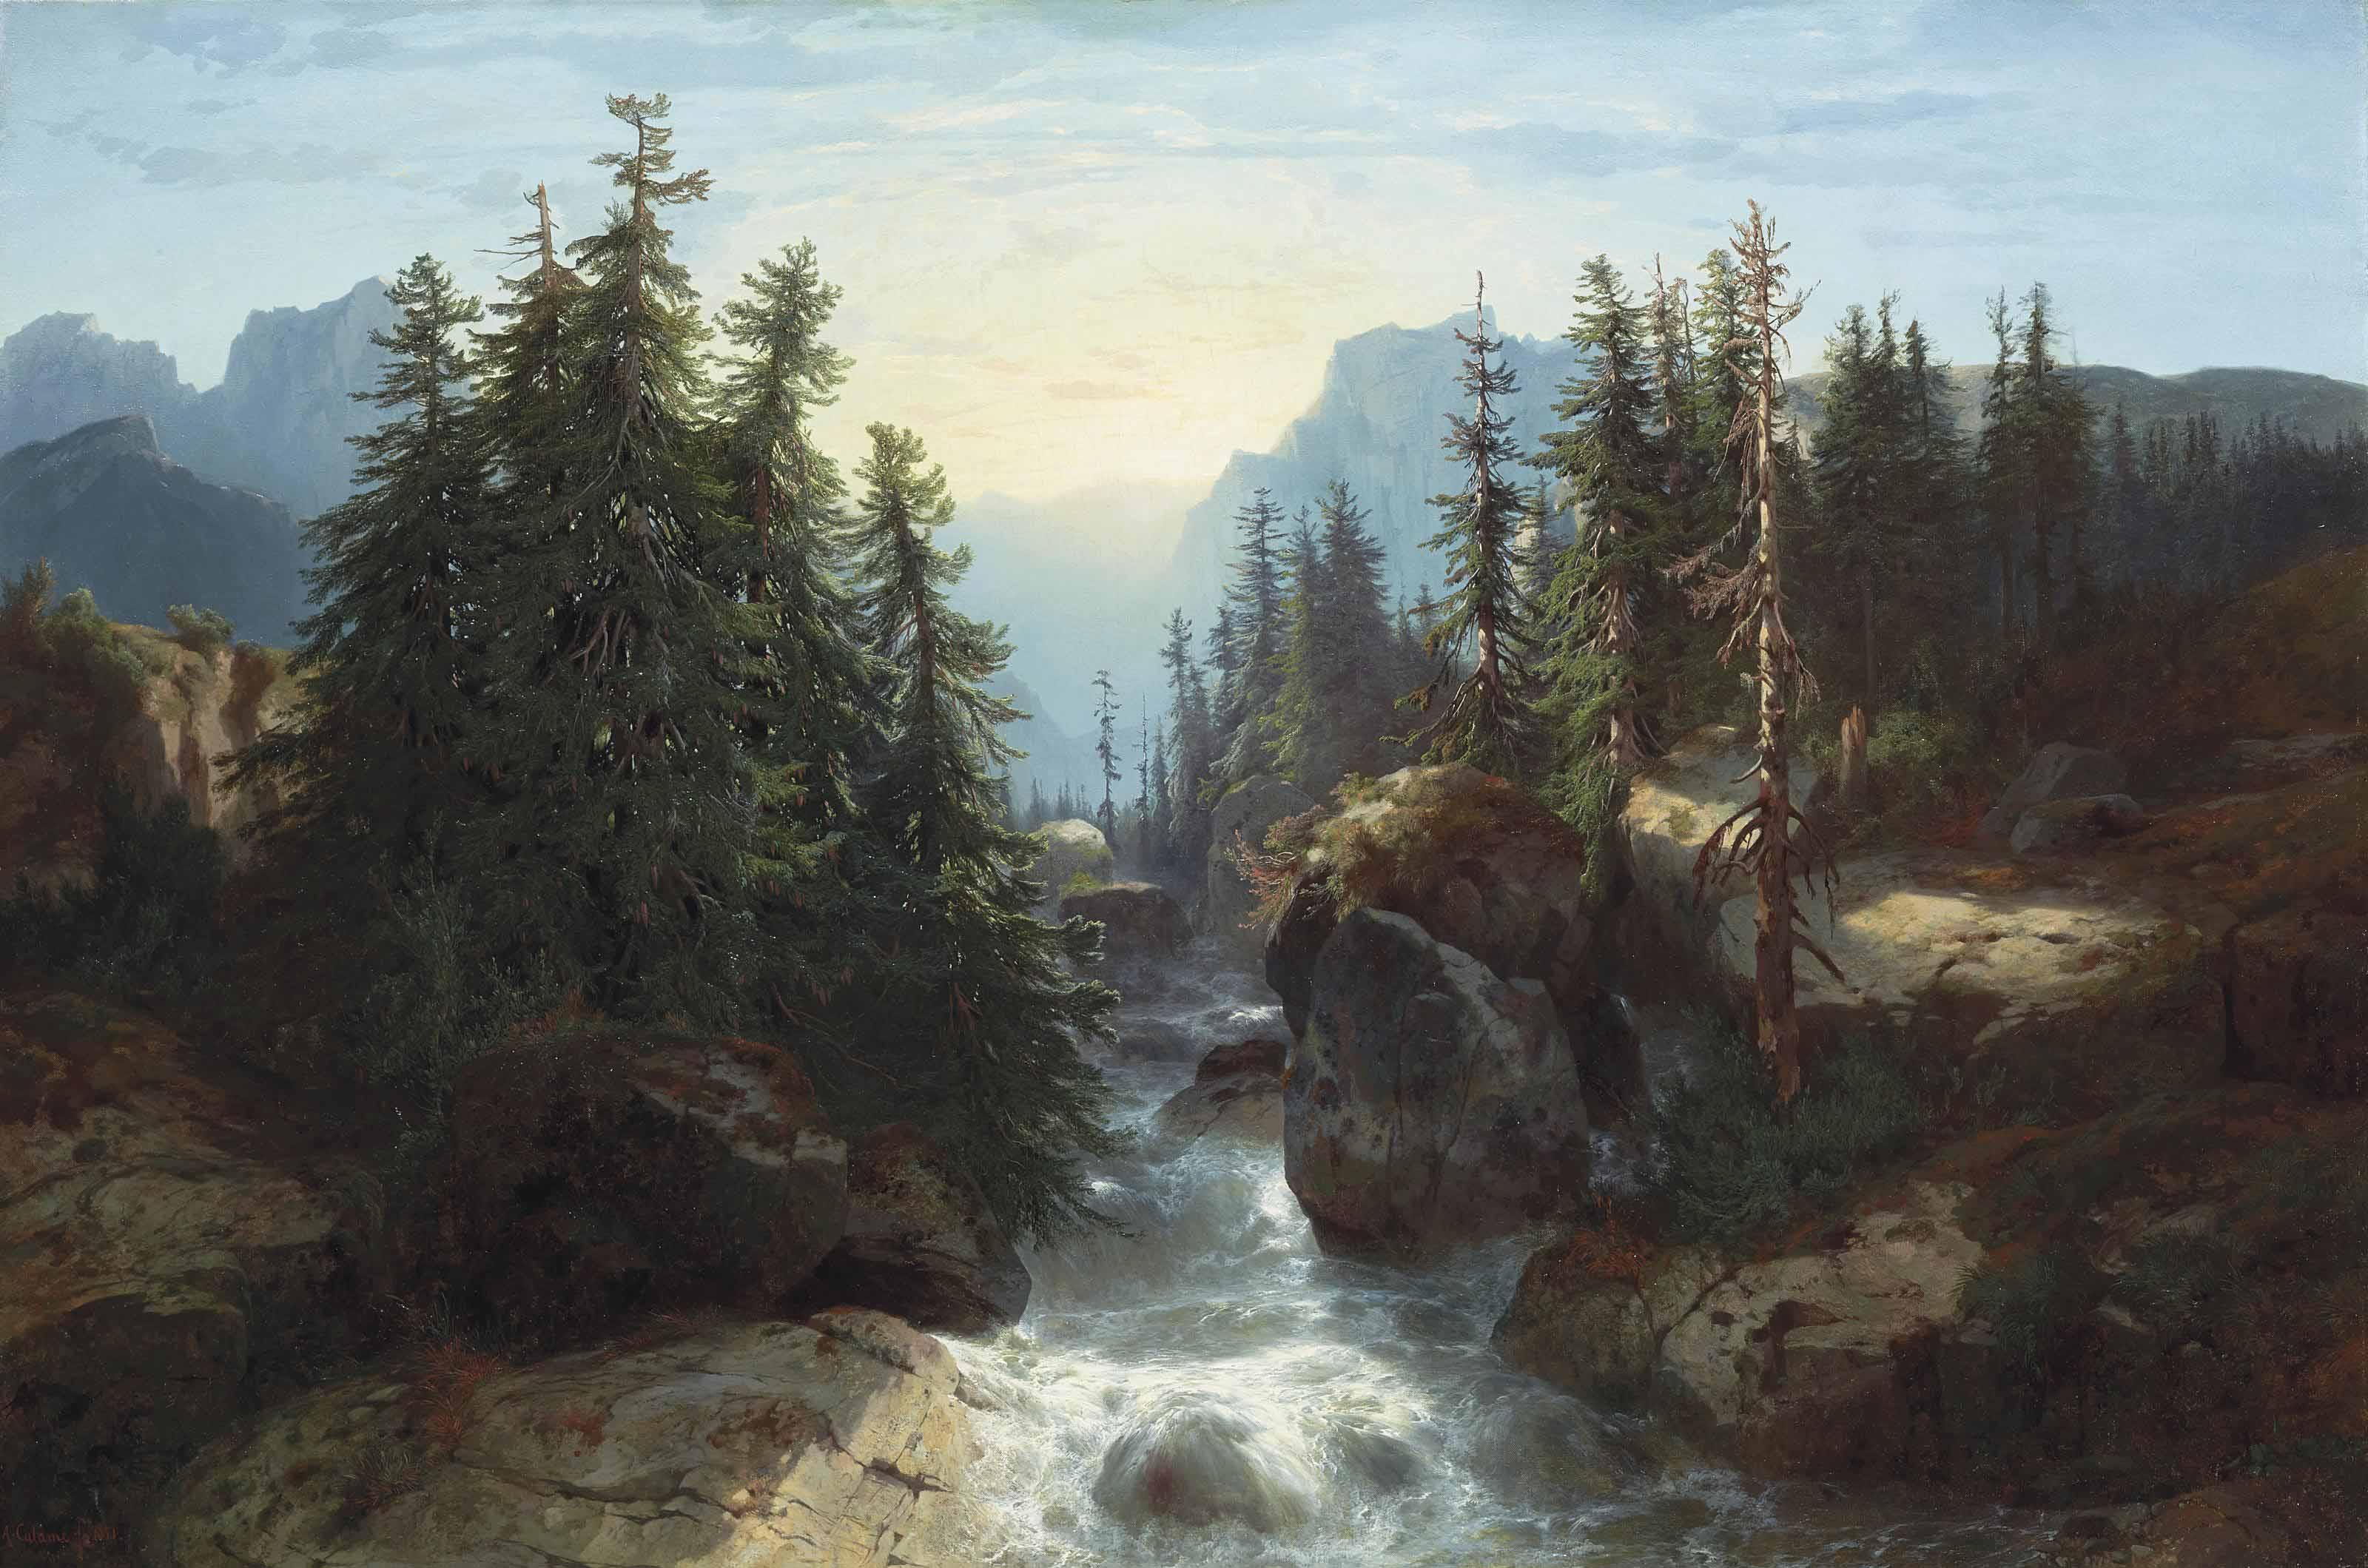 Torrent des Alpes, Souvenir de la Scheidegg, 1851